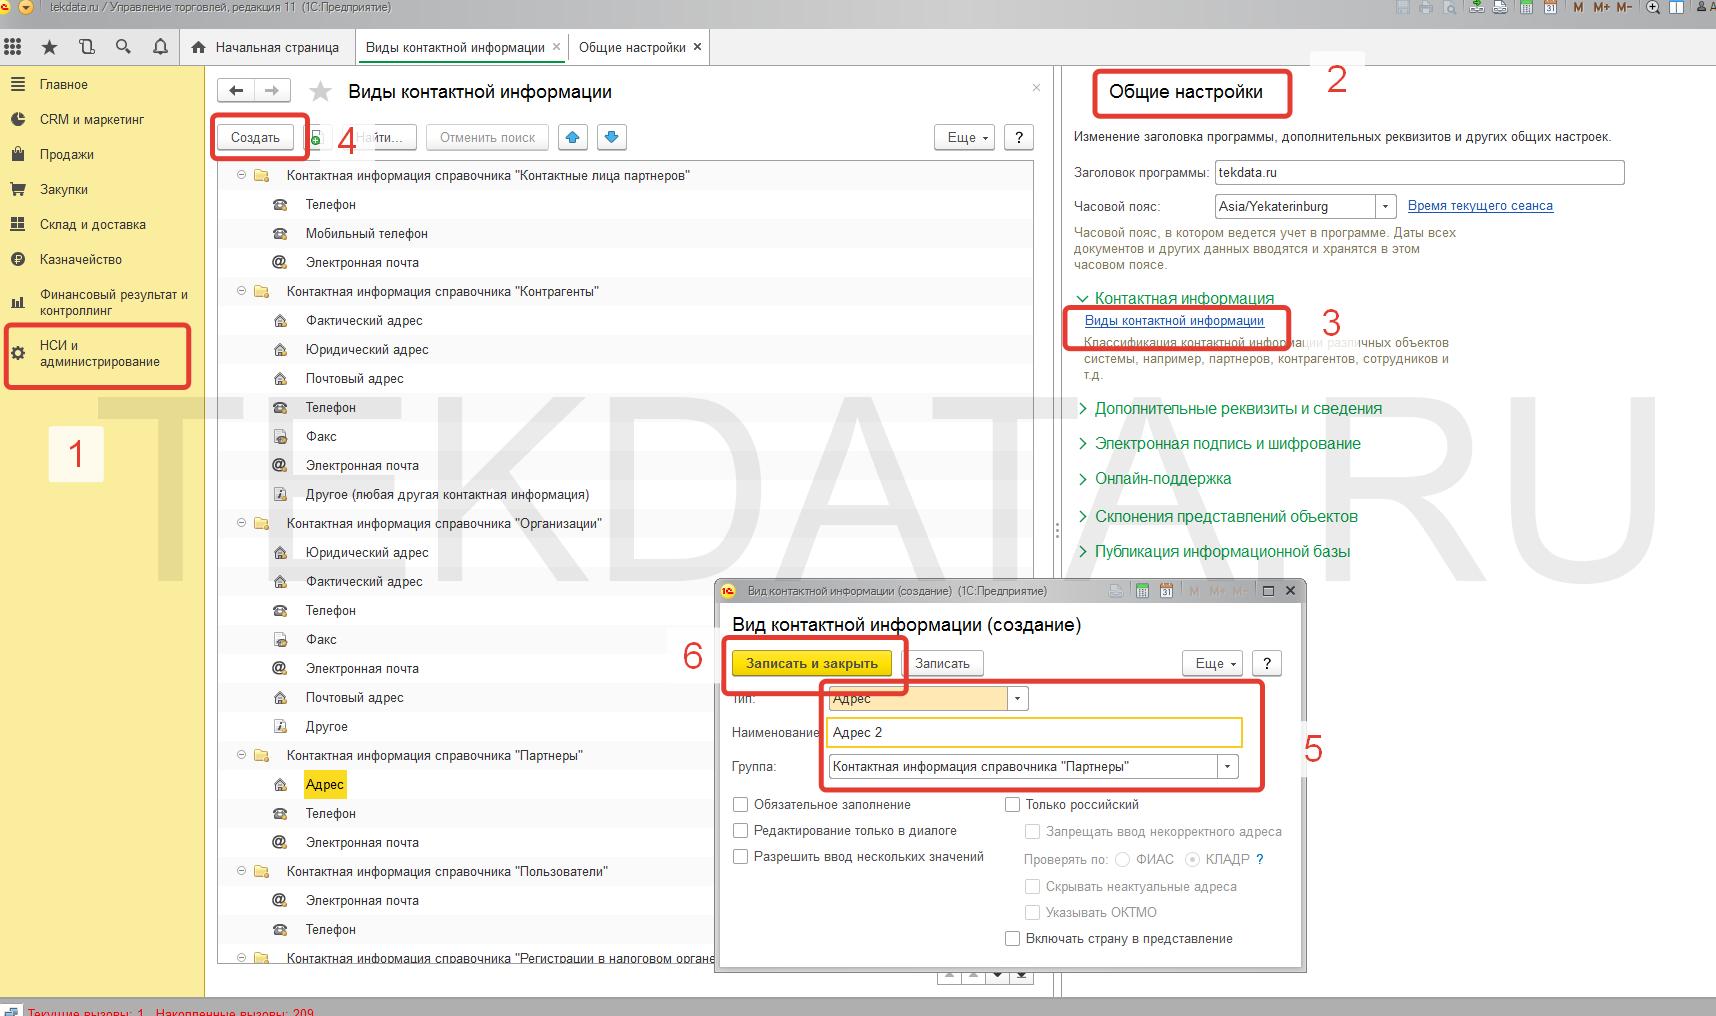 Как добавить еще один вид адреса в УТ 11 | tekdata.ru